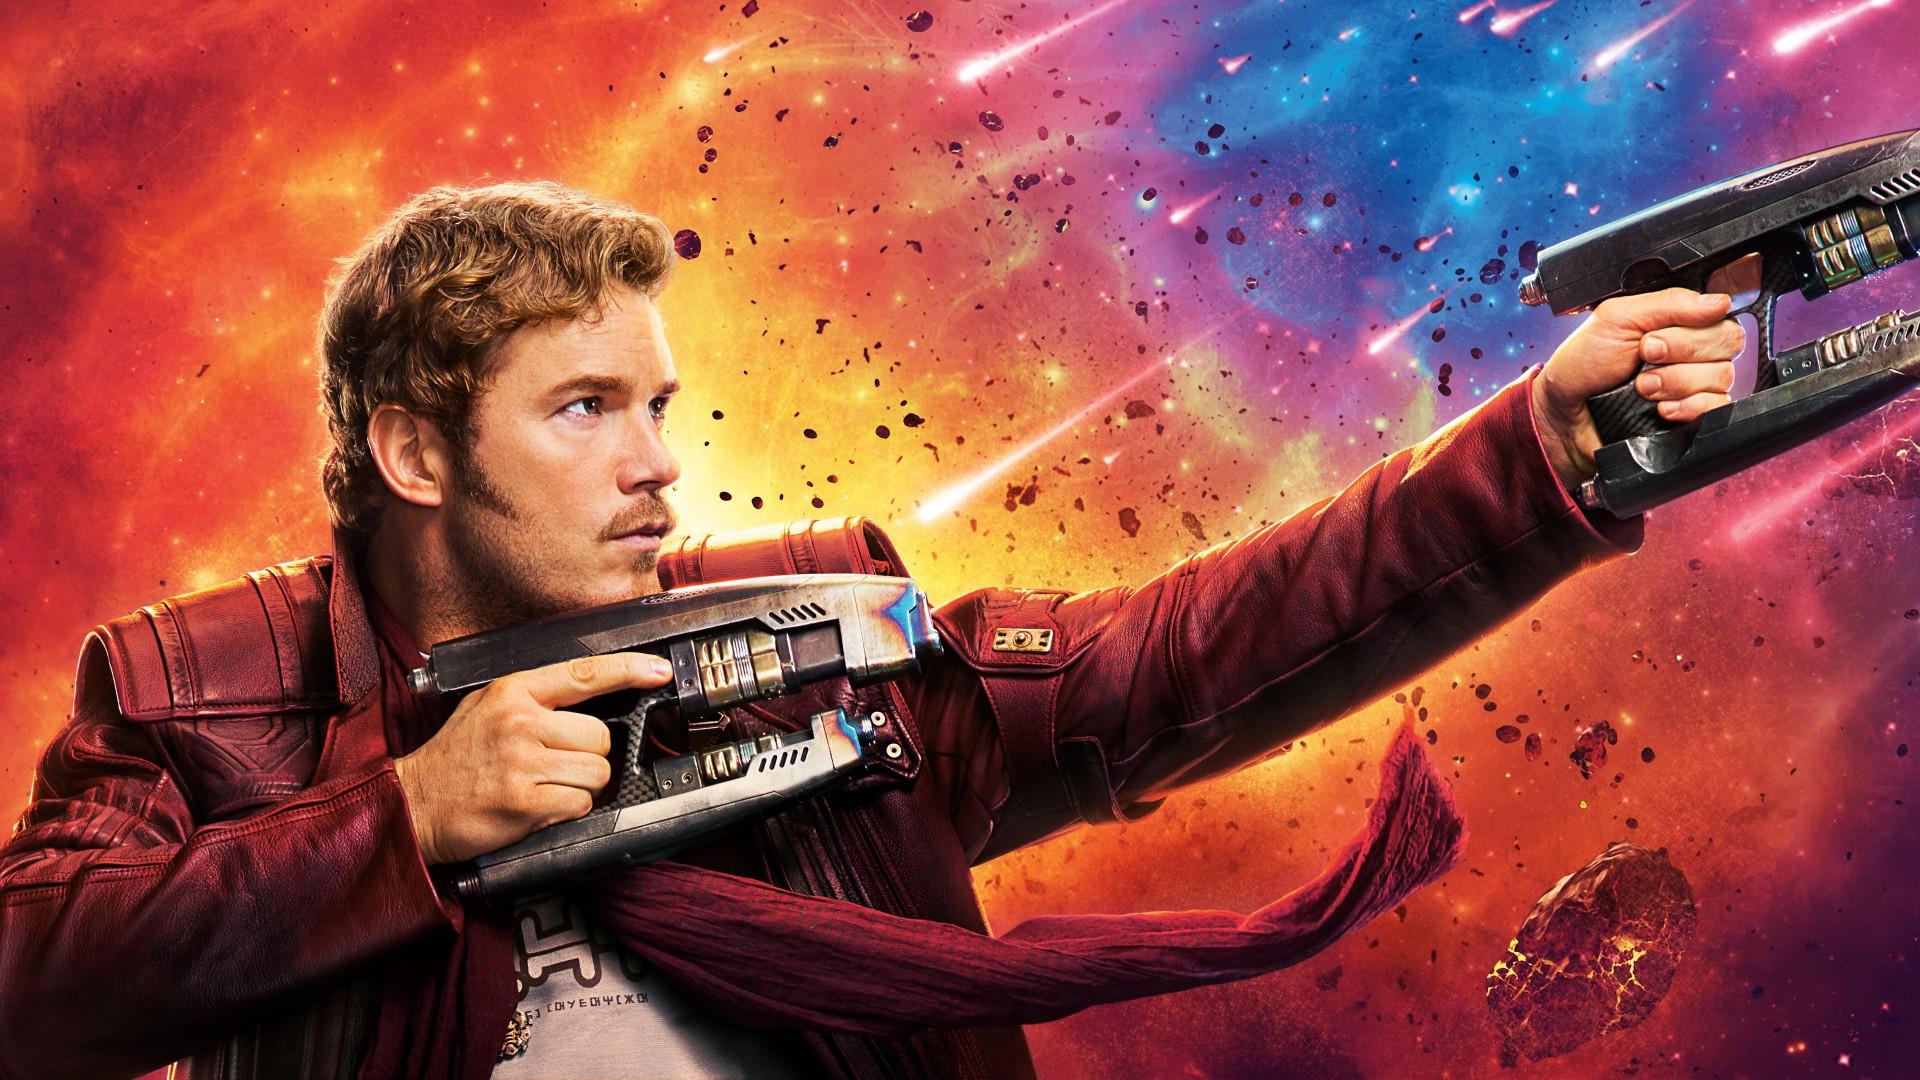 3d Galaxy Wallpaper Hd Chris Pratt Star Lord Guardians Of The Galaxy Vol 2 4k 8k